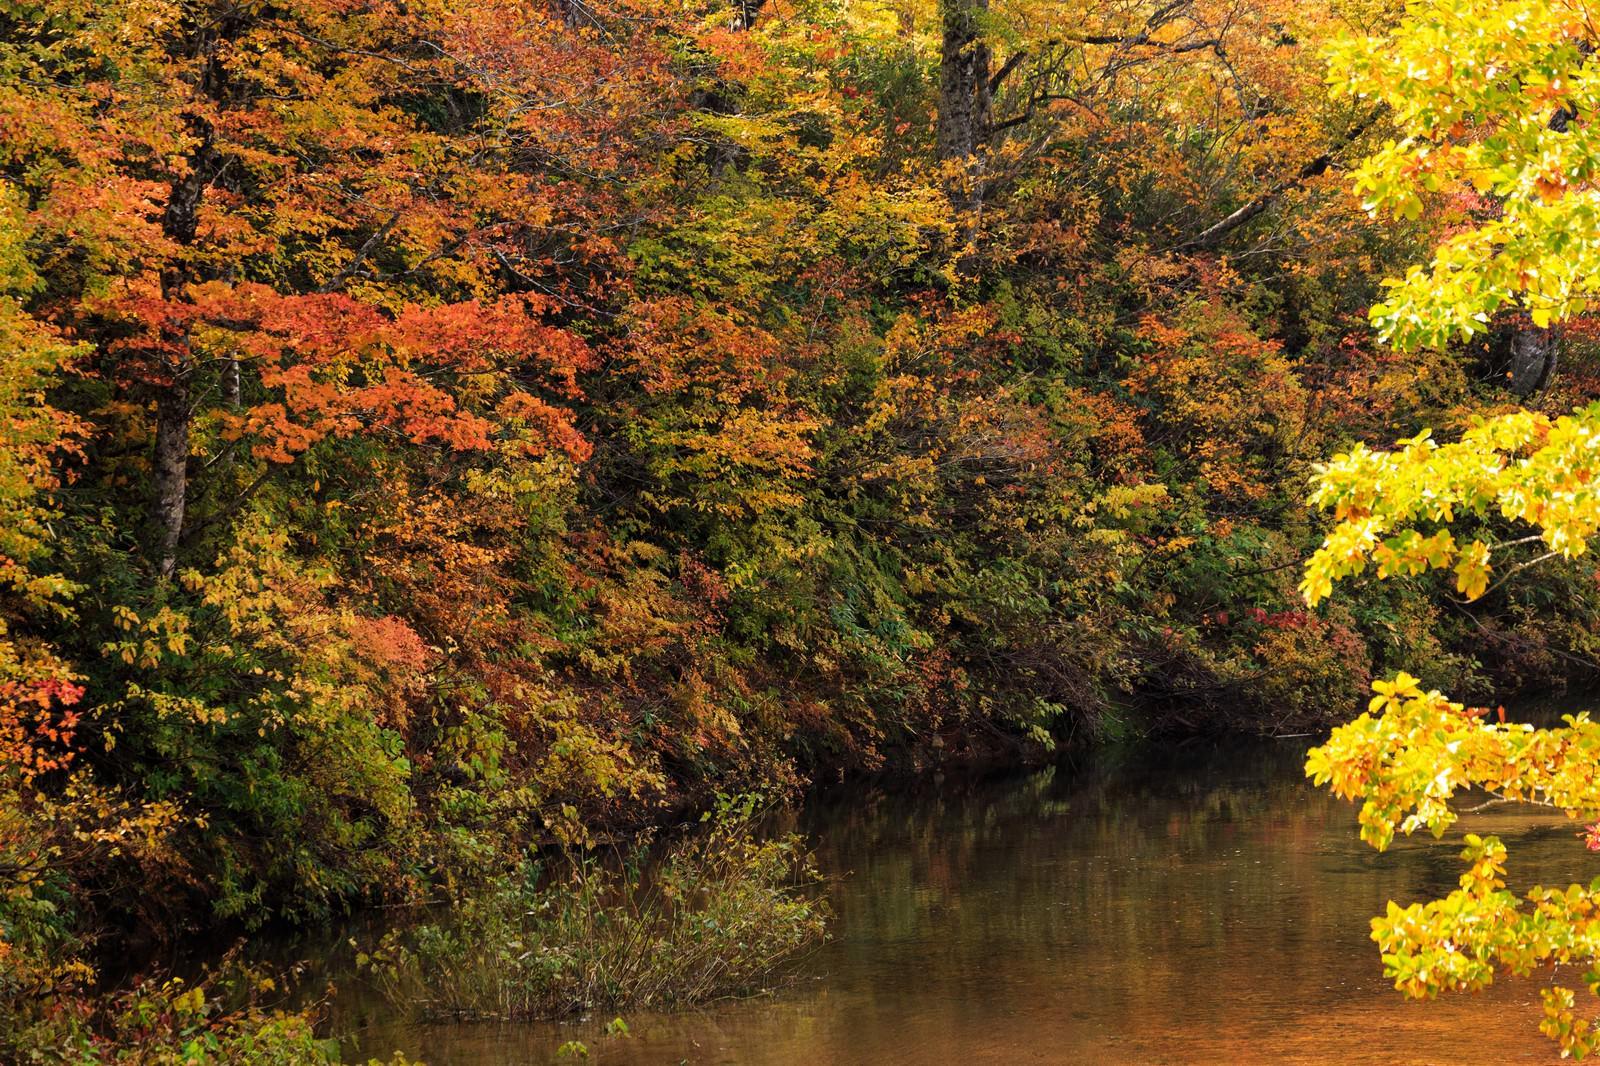 「紅葉する木々と沼」の写真